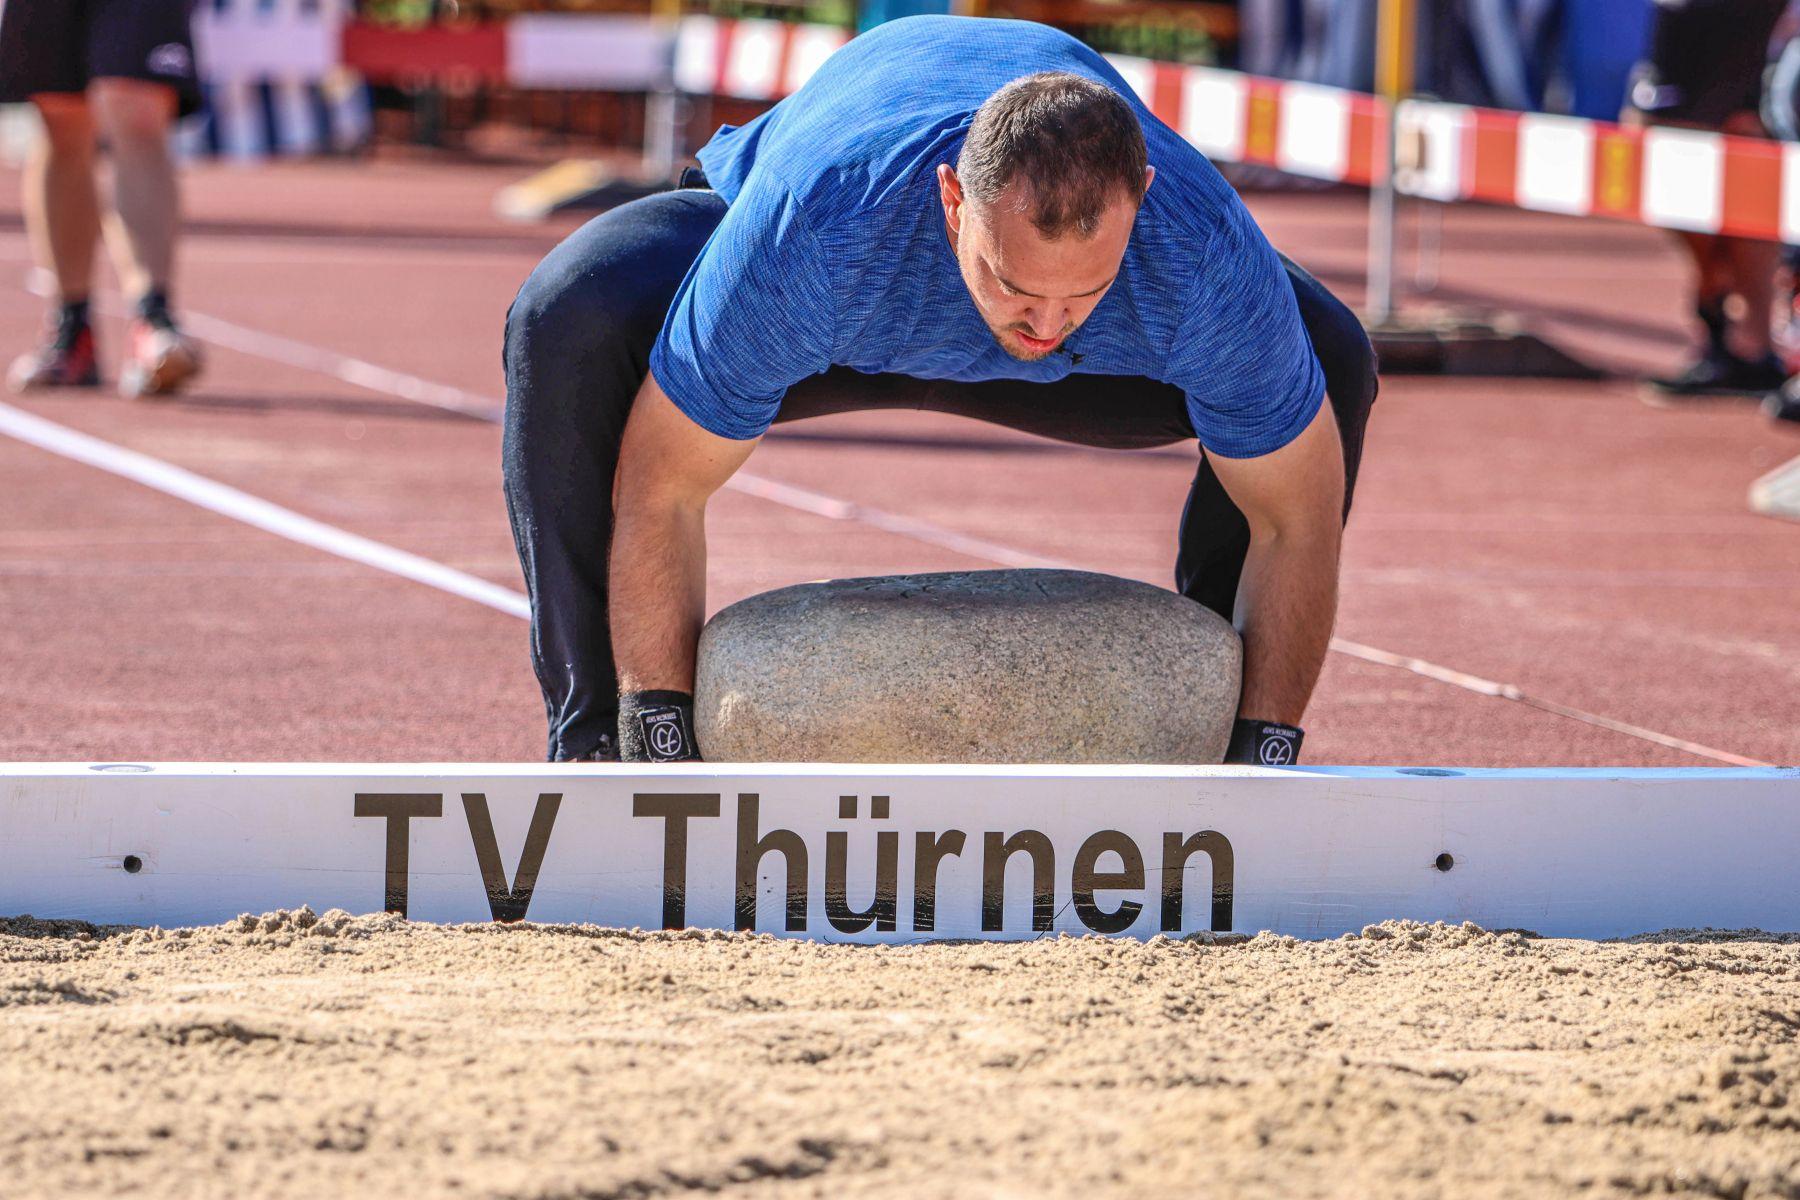 1. Qualifikation Steinstossen vom Samstag, 18. September 2021 in Thürnen BL, Eidgenössisches Schwing- und Älplerfest Pratteln im Baselbiet   ESAF 2022